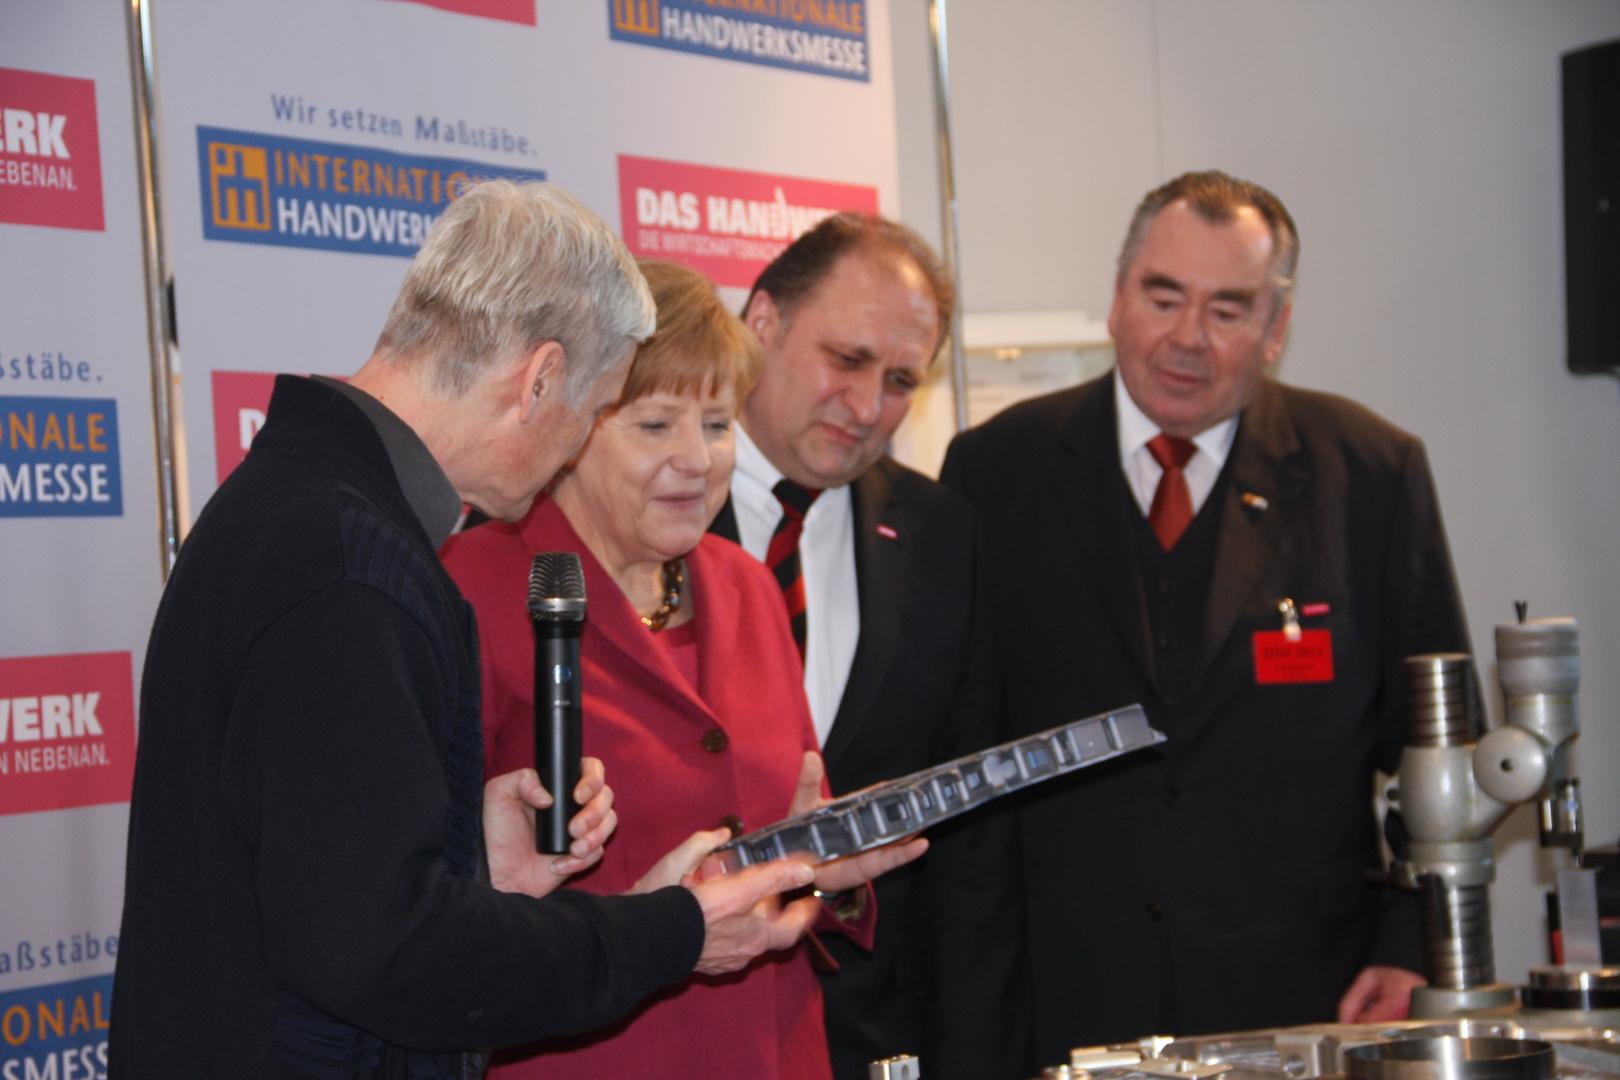 Bundeskanzlerin Angela Merkel bei der Internationalen Handwerksmesse 14.3.2014 in München